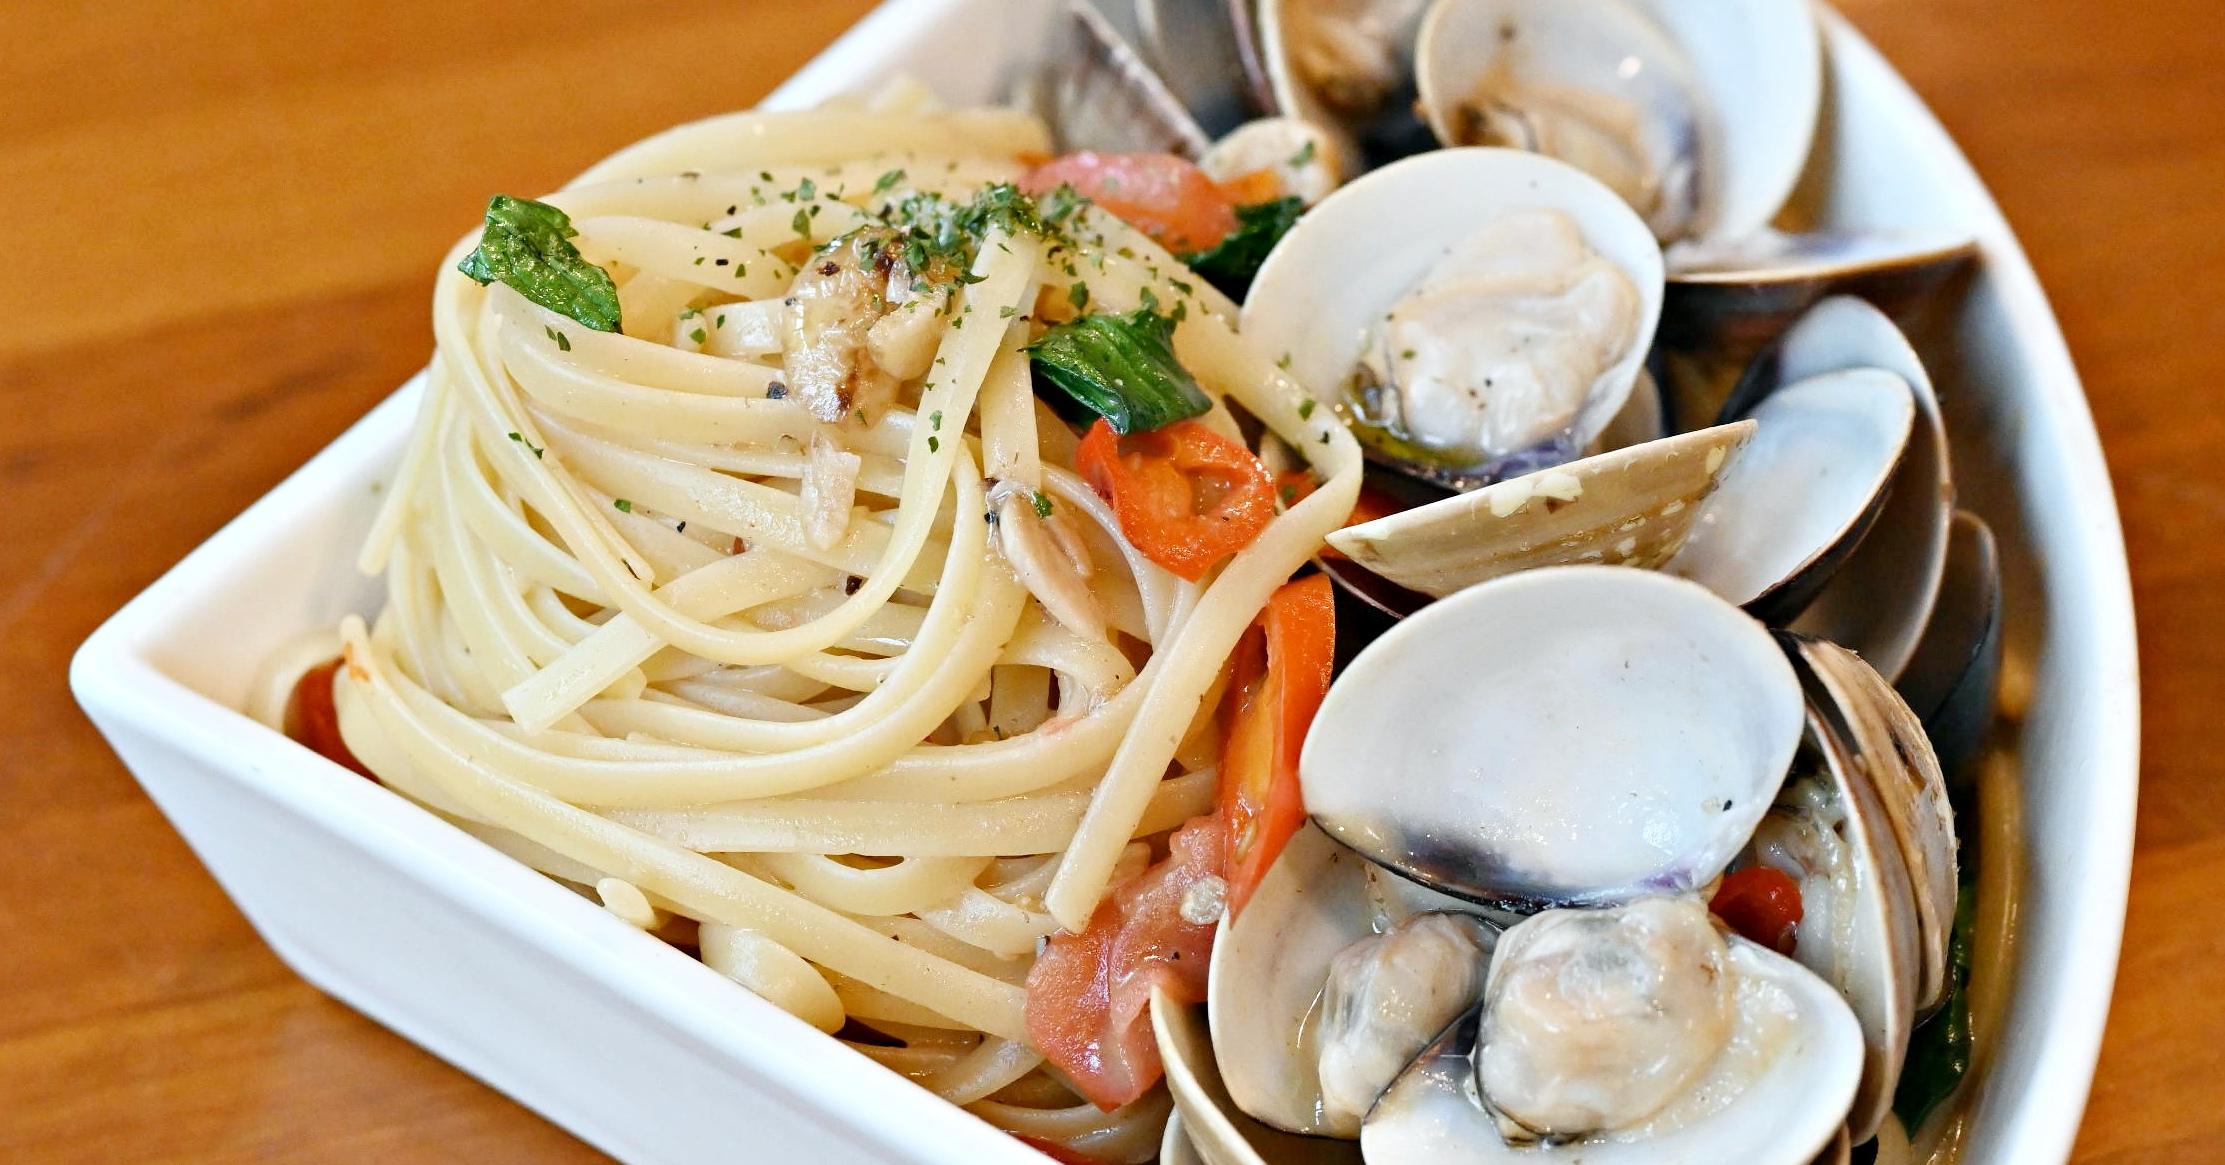 吃義燉飯|南京復興美食 台北燉飯推薦 義大利麵也很厲害 (菜單)